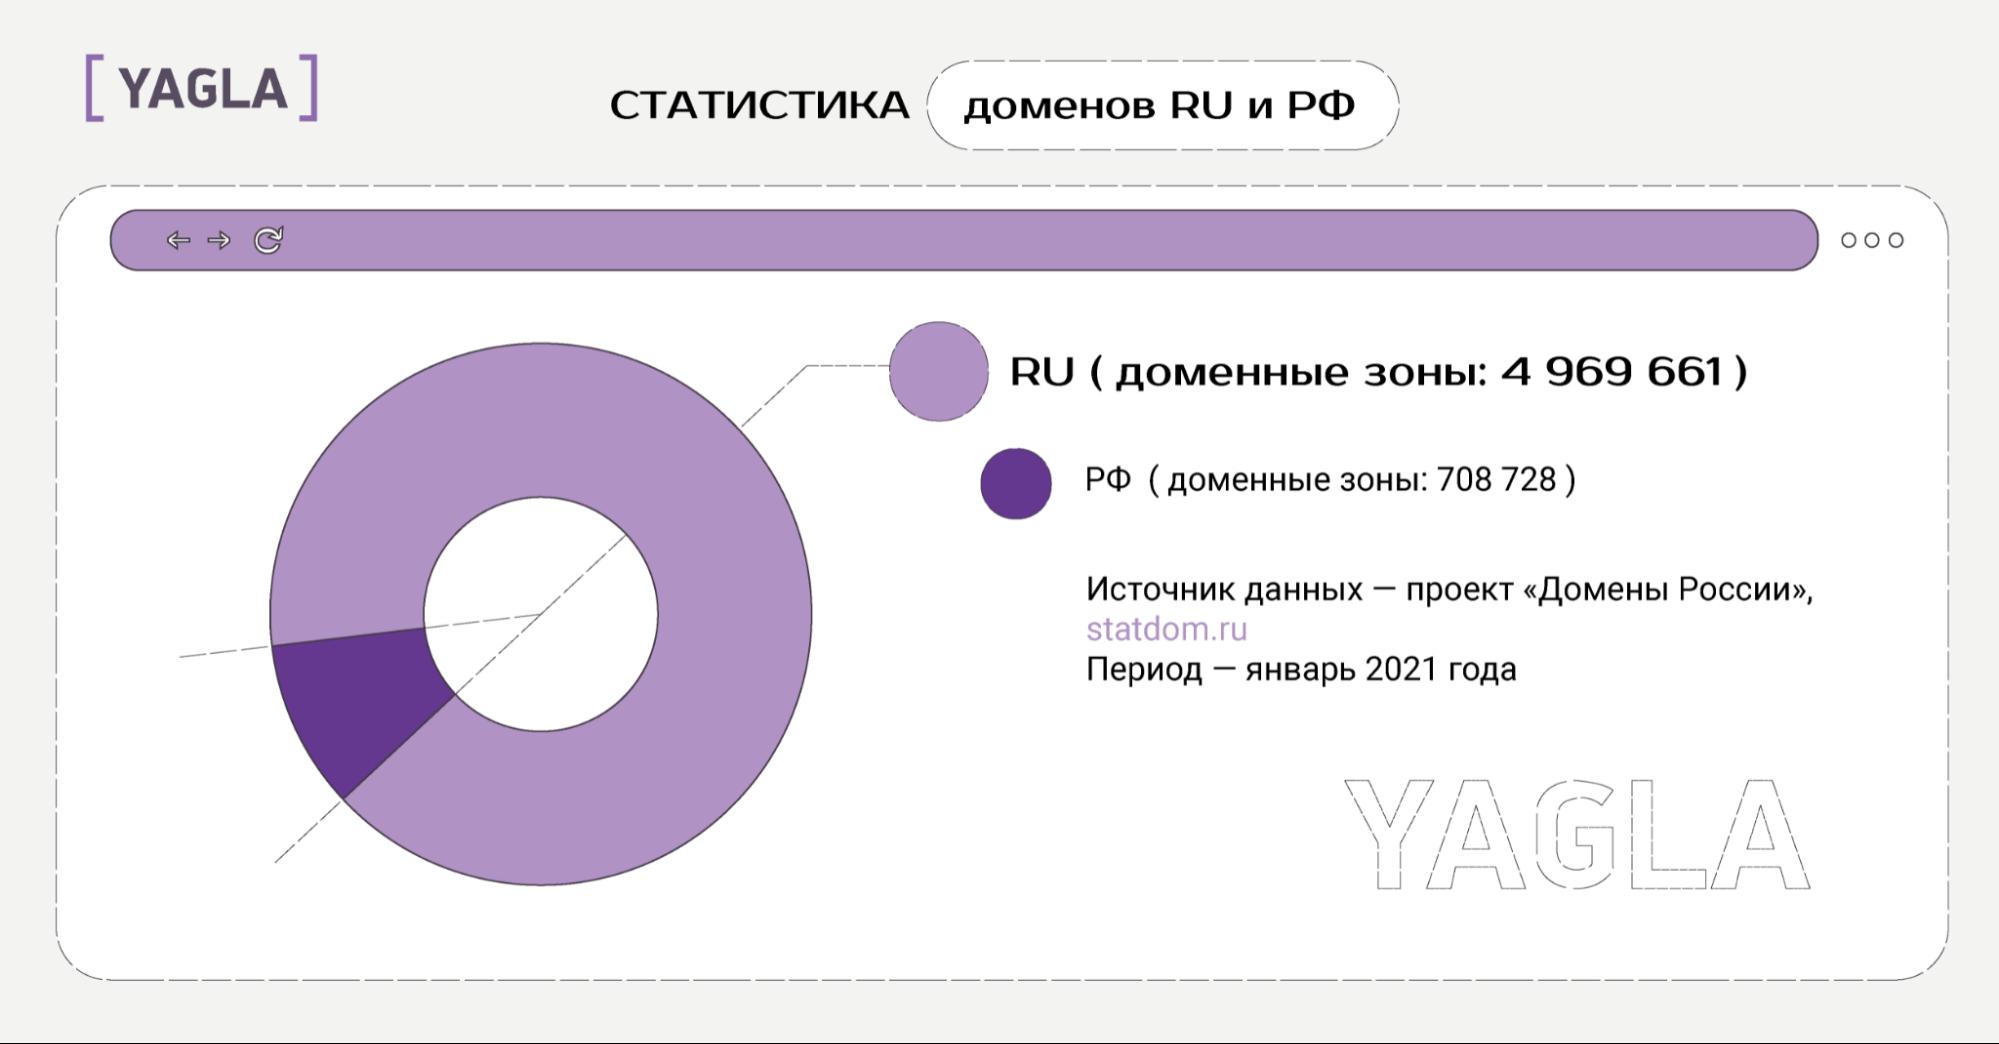 Статистика доменов RU и РФ